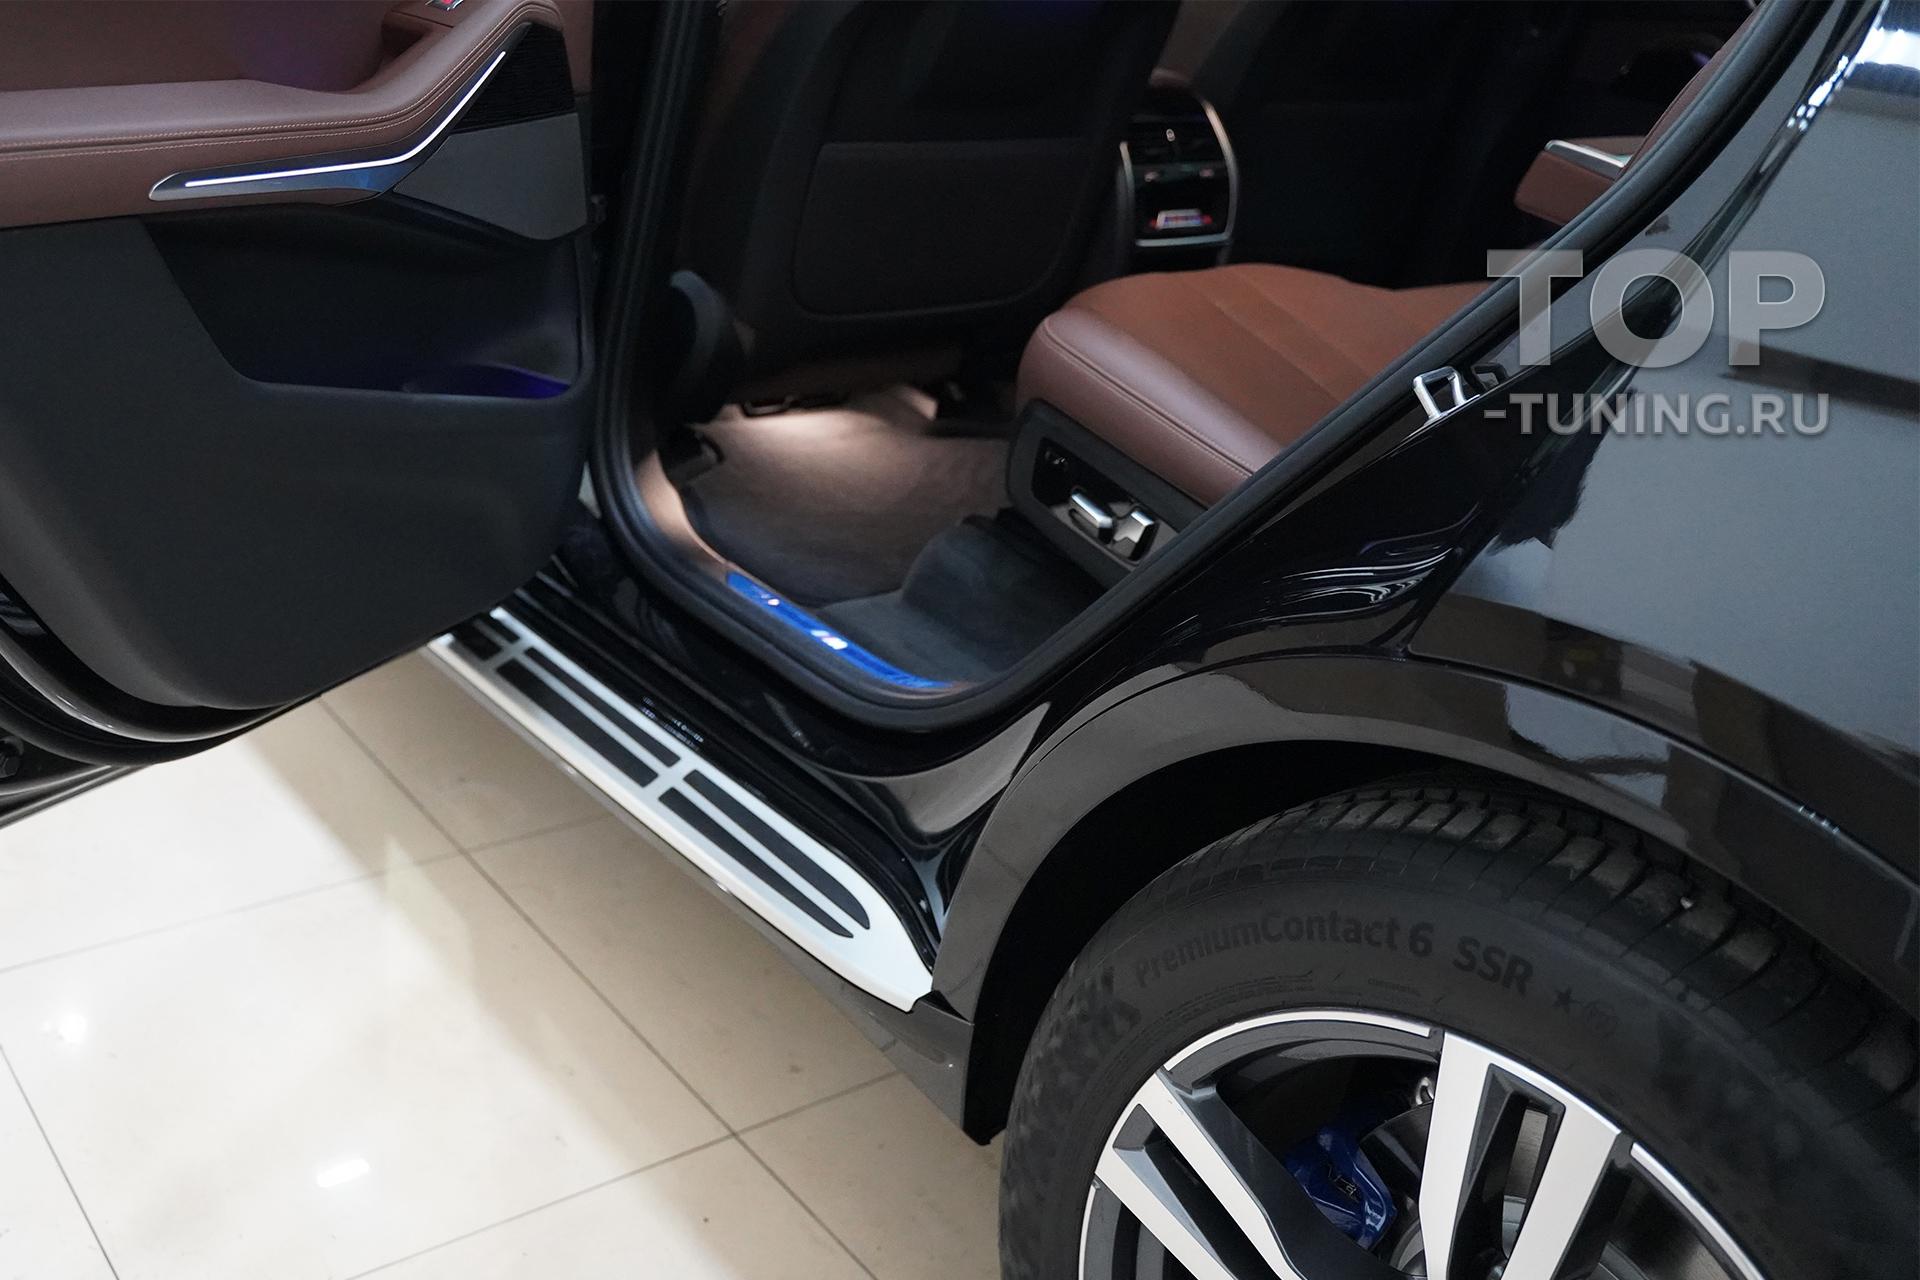 Пороги-подножки для BMW X7 - обзор комплекта. Оригинал Германия